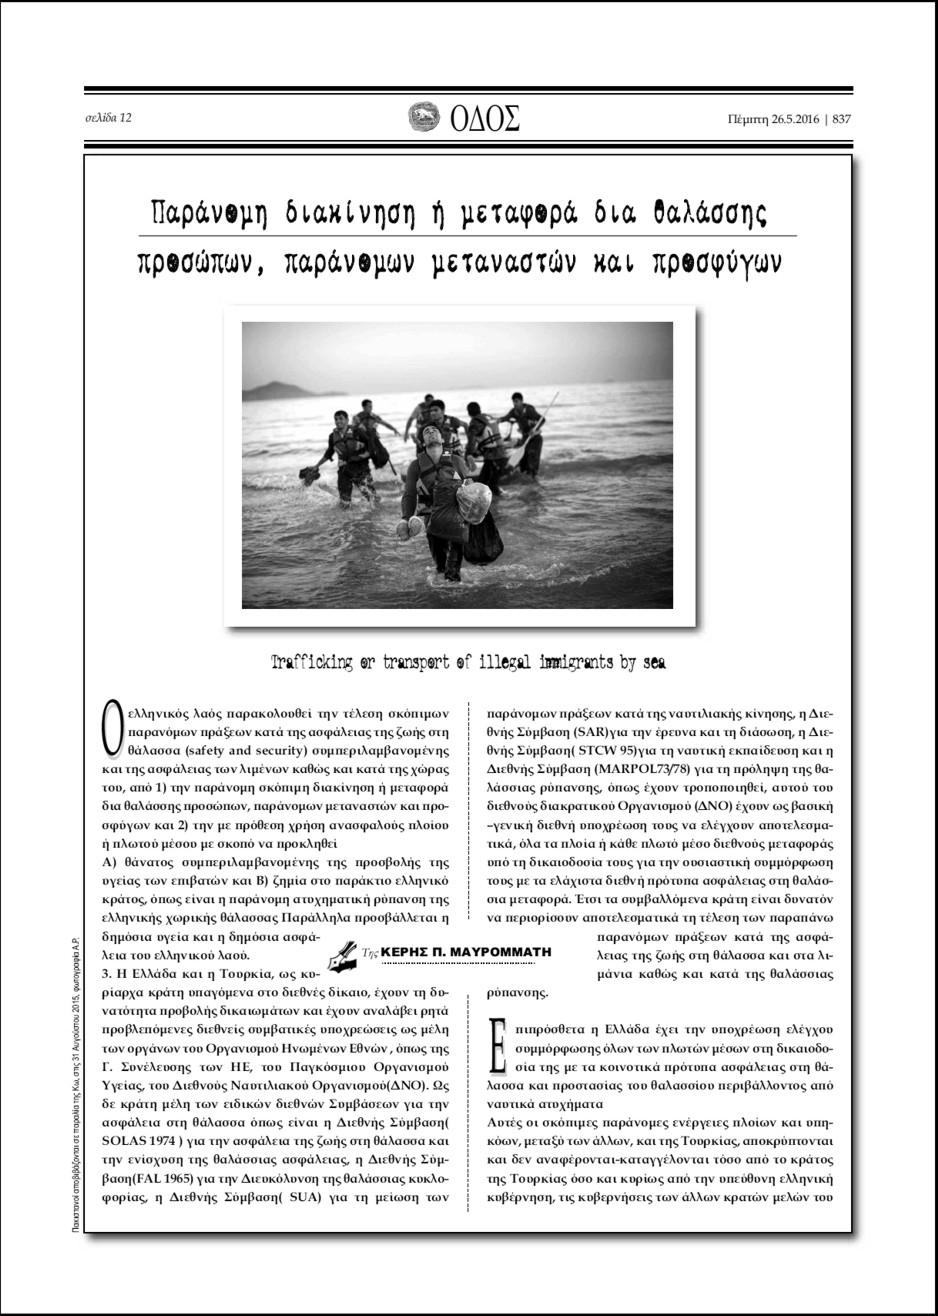 ΚΕΡΗΣ Π. ΜΑΥΡΟΜΜΑΤΗ: Παράνομη διακίνηση ή μεταφορά δια θαλάσσης, προσώπων, παράνομων μεταναστών και